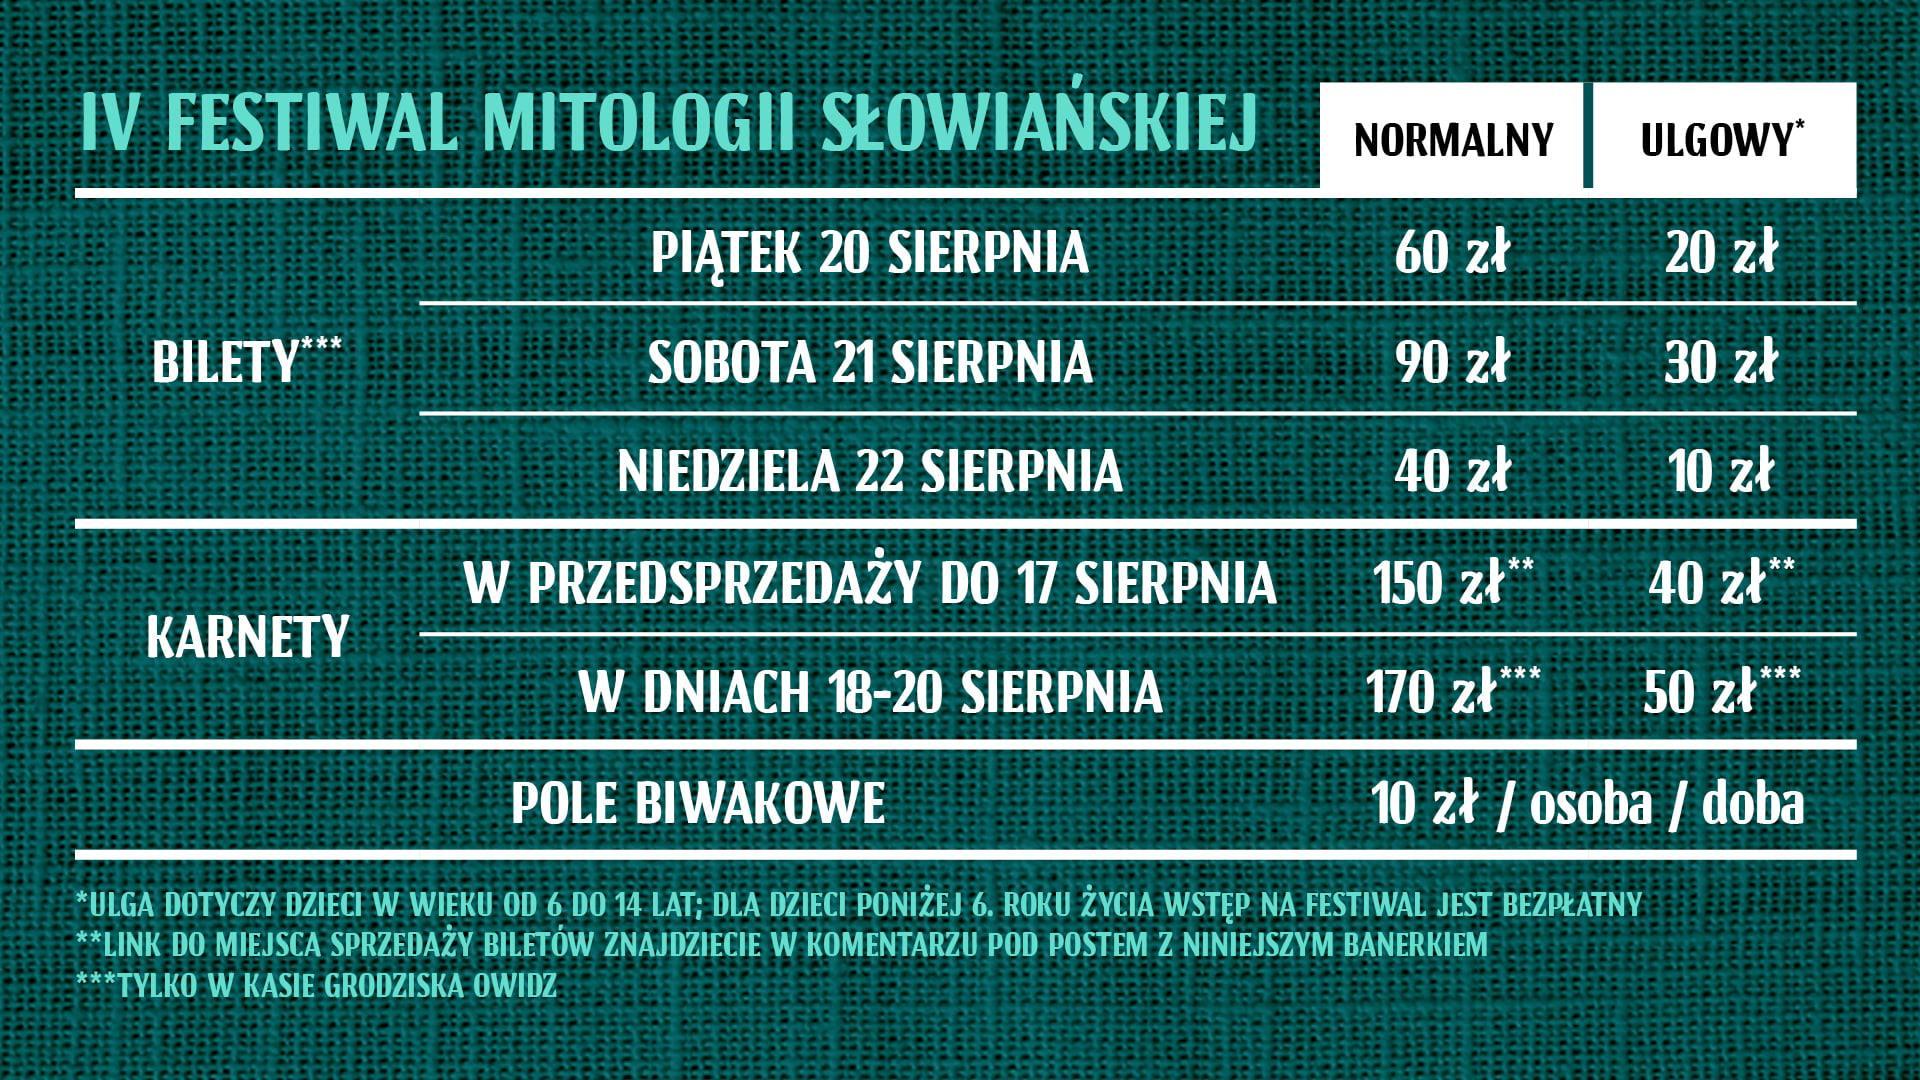 Poznaj swoje korzenie - zapraszamy na Festiwal Mitologii Słowiańskiej 3